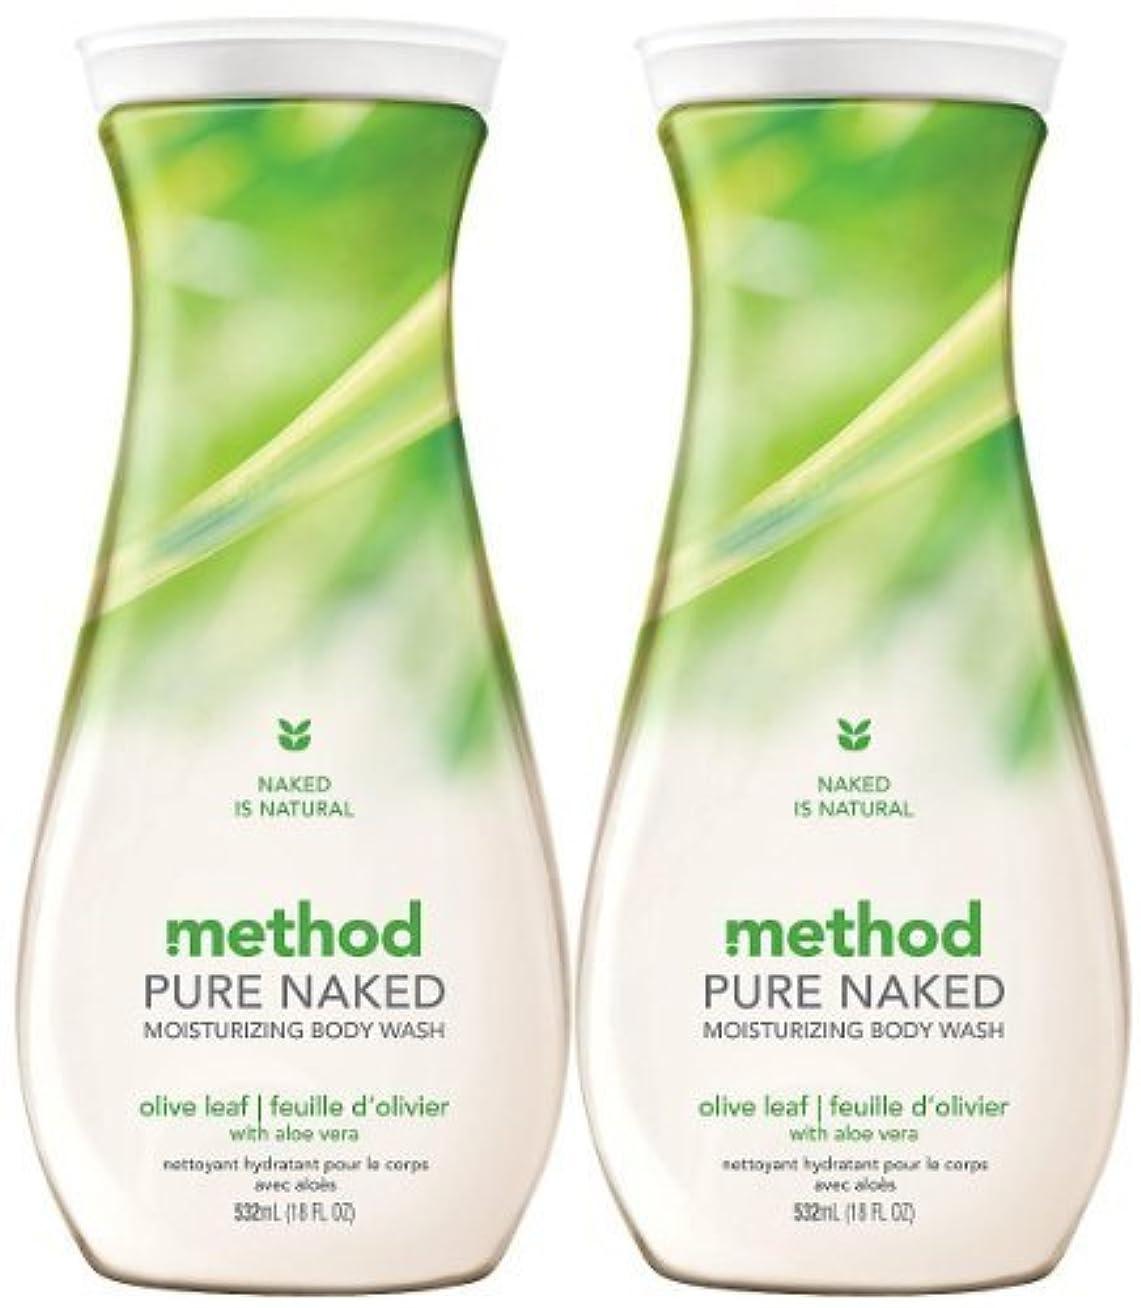 未来進化するテストMethod Moisturizing Body Wash, Olive Leaf, 18 oz, 2 pk by Method [並行輸入品]